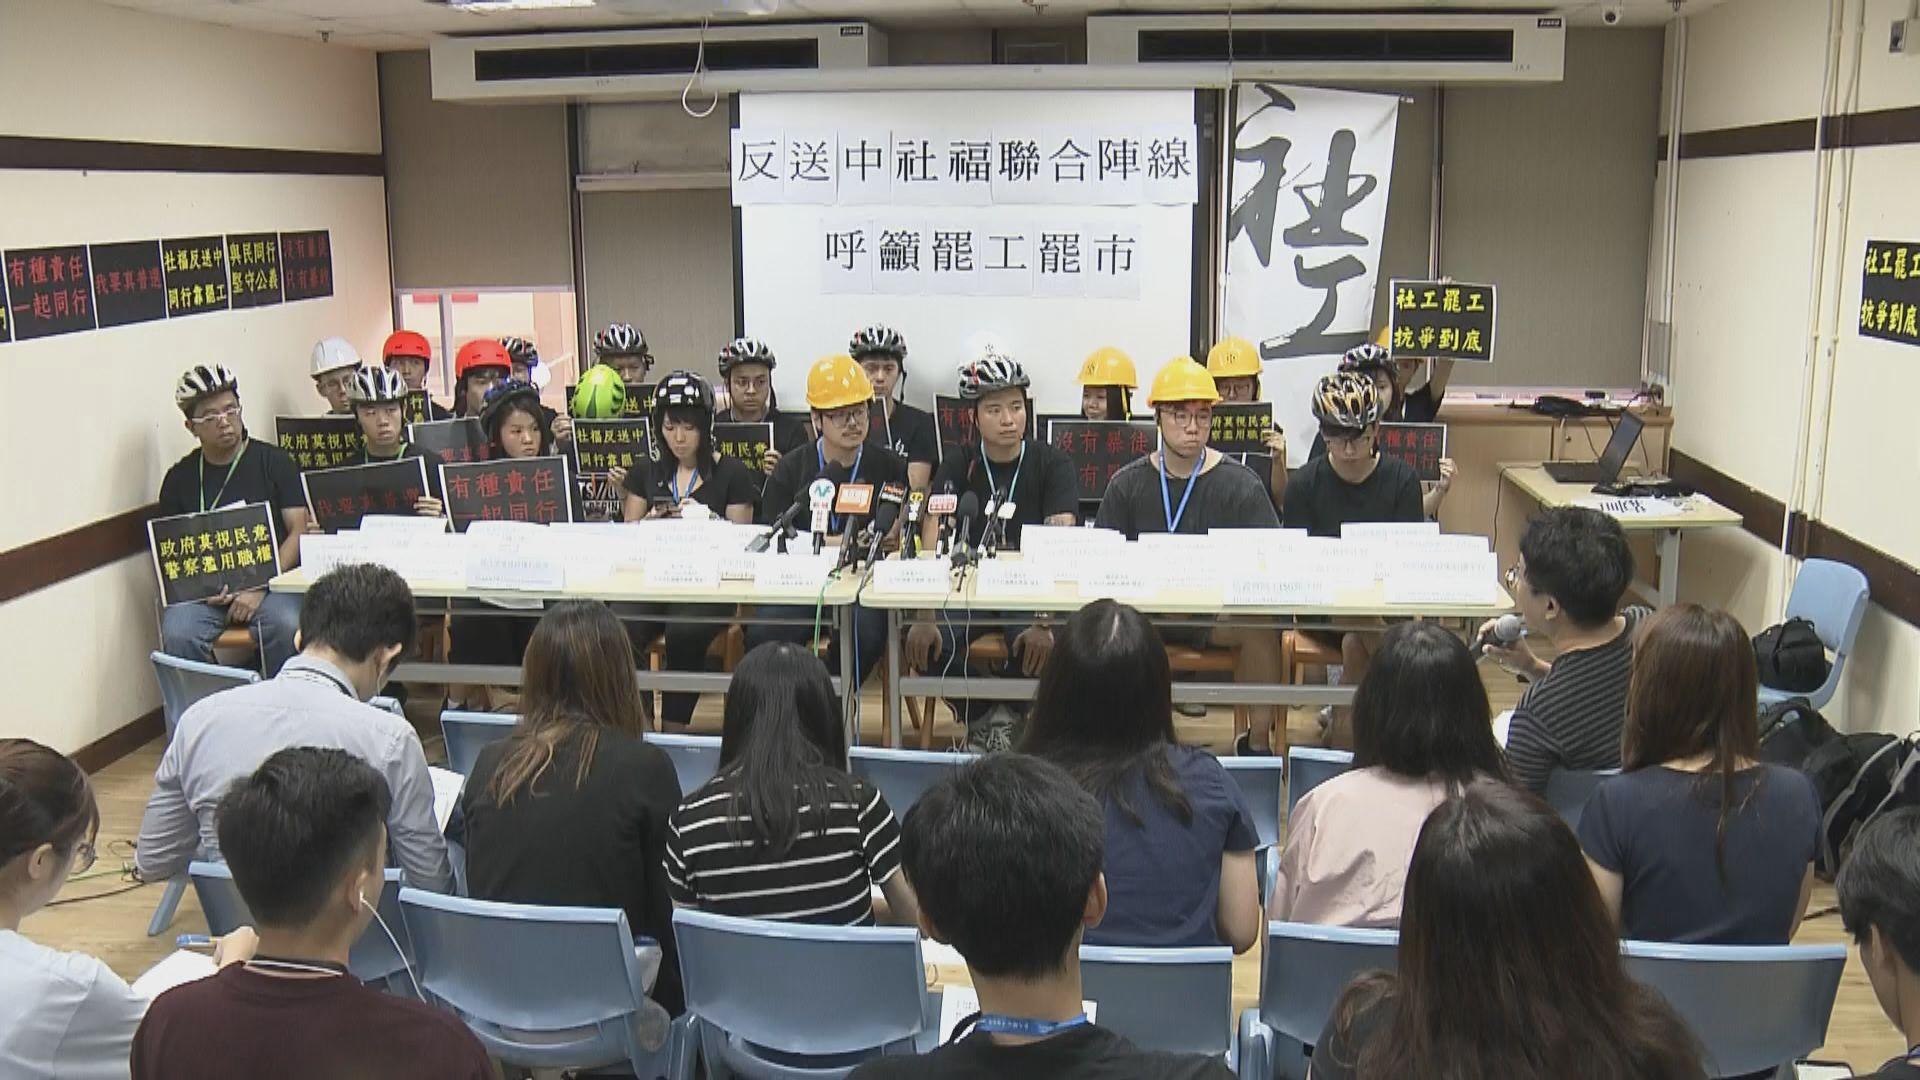 社福界逾二千人響應罷工 33個單位需關閉